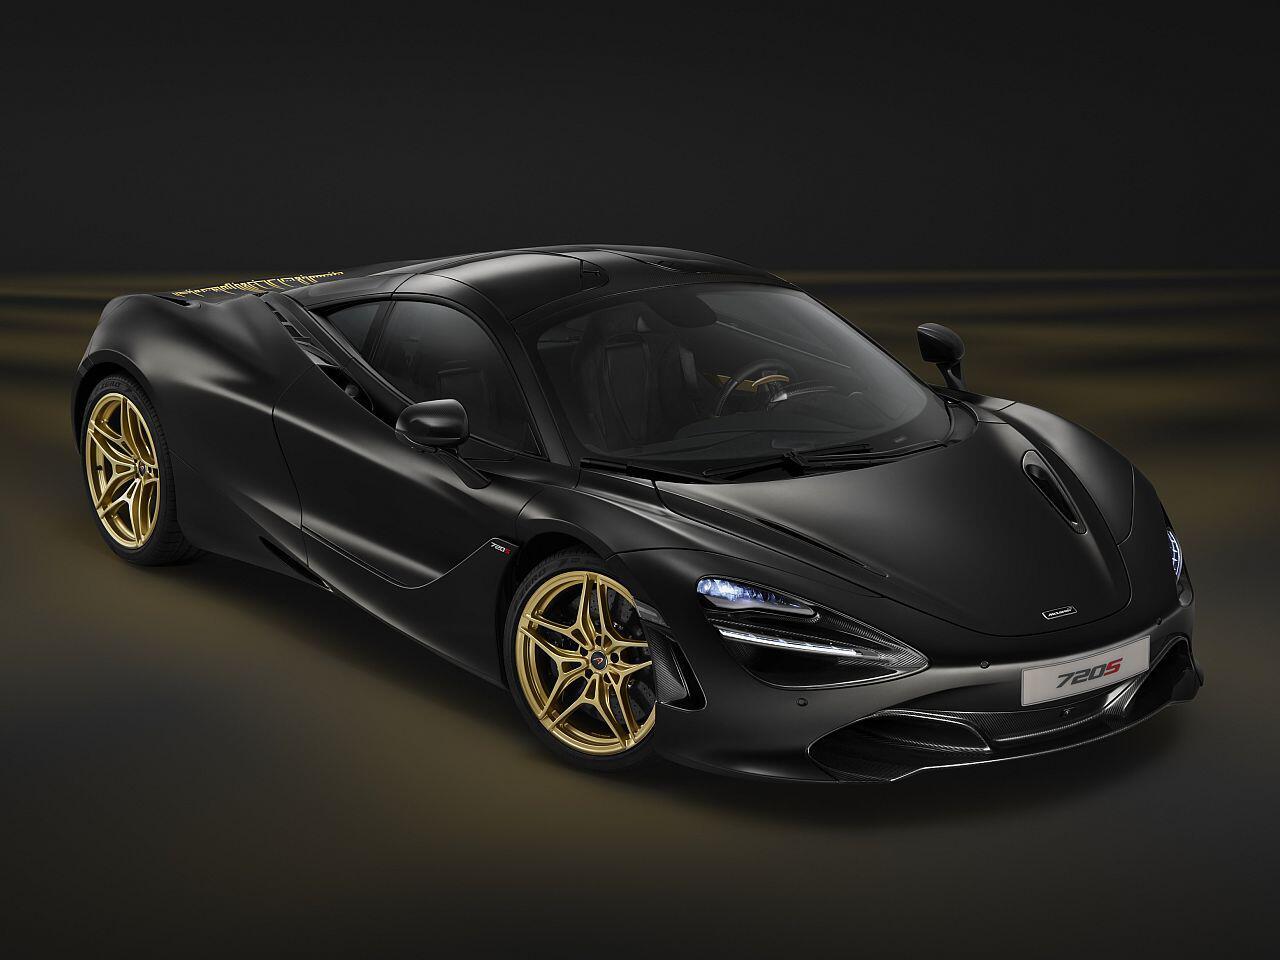 Bild zu McLaren 720S in Satin Black und Gold